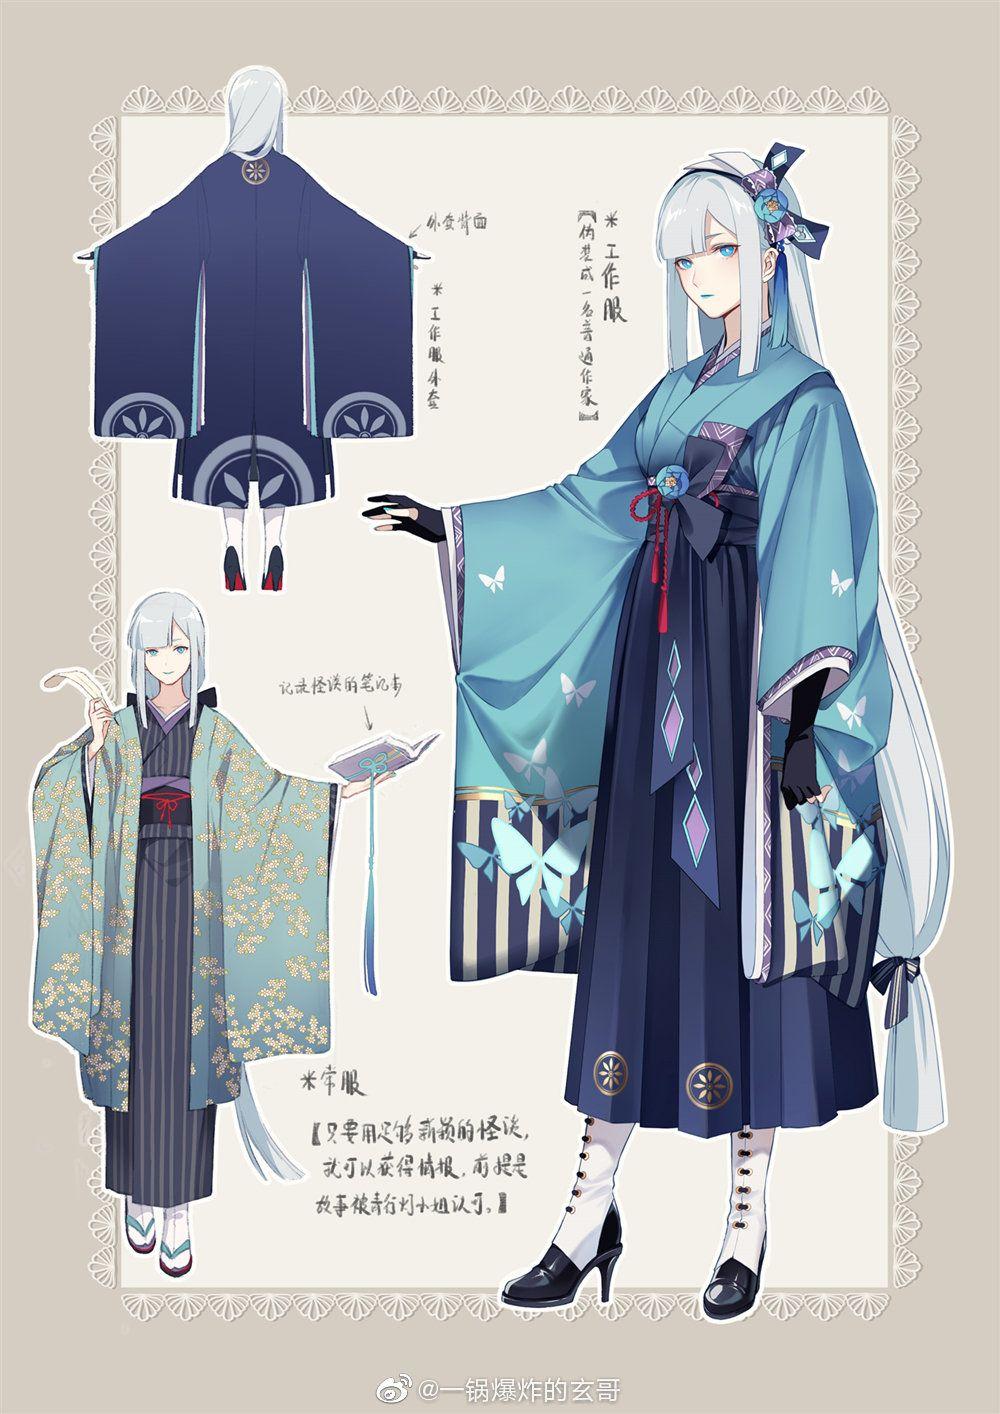 aoandon アニメ着物 コスチュームデザイン キャラクターの衣装